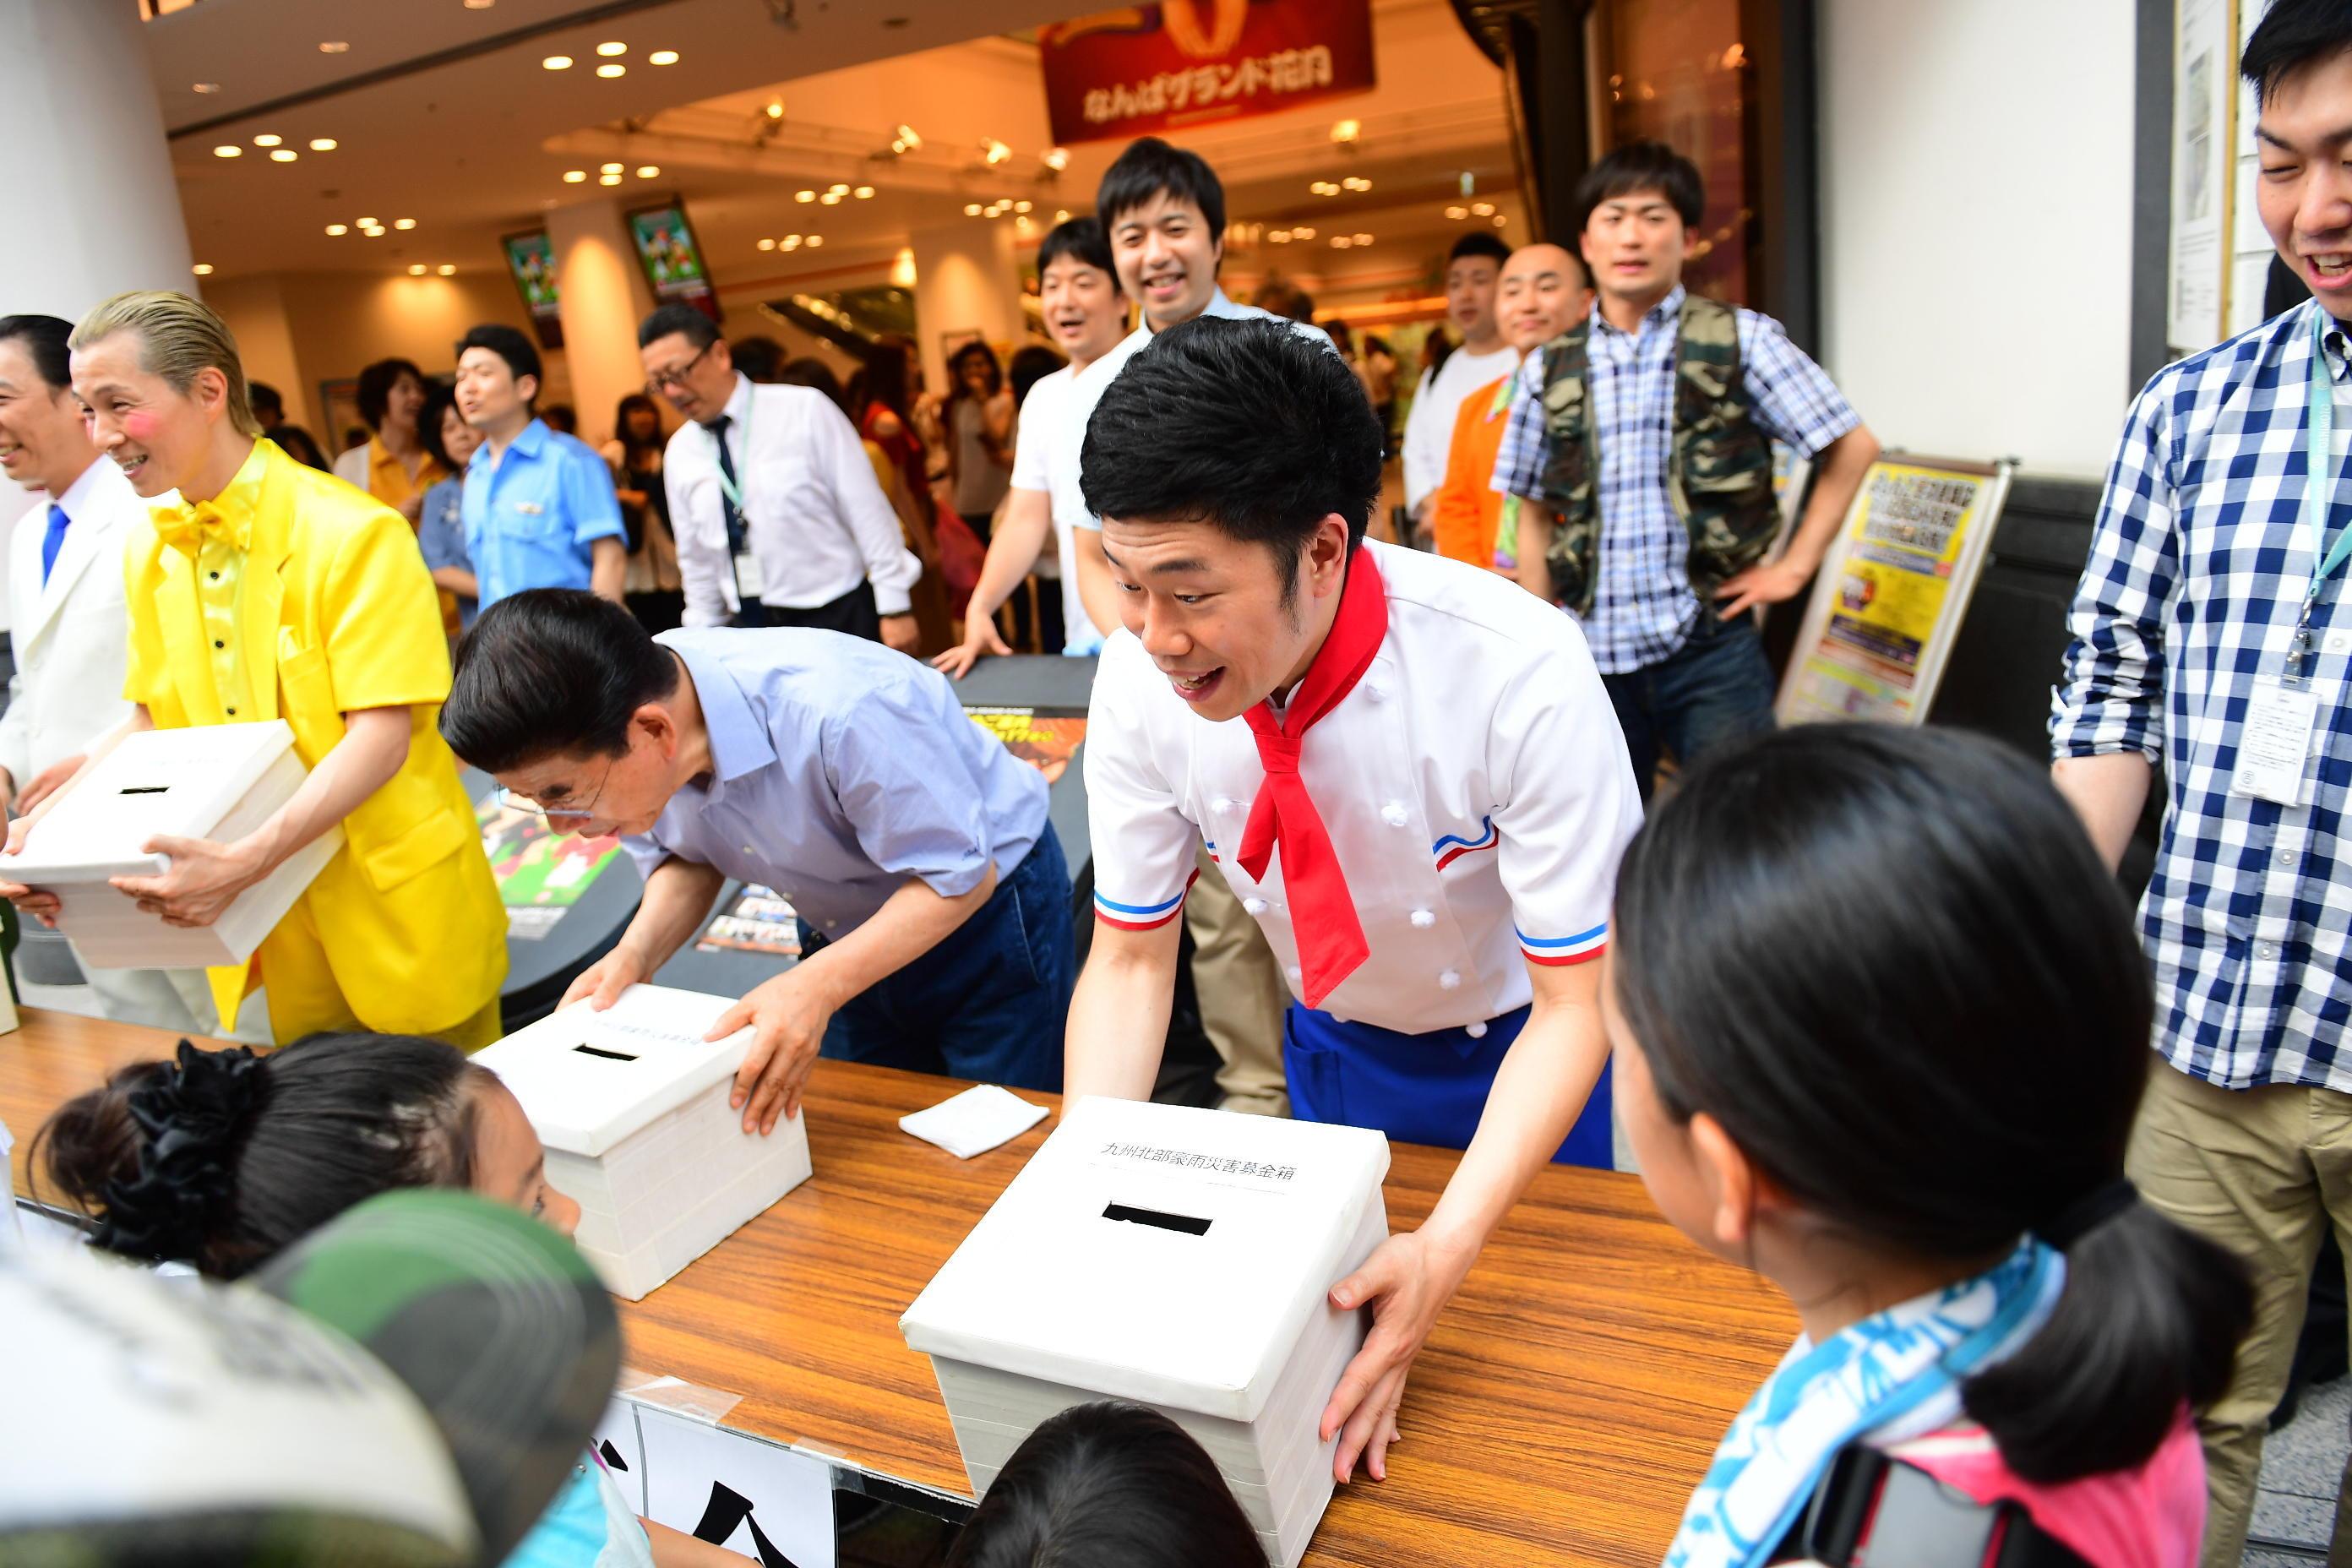 http://news.yoshimoto.co.jp/20170714222334-2be821f27ccb36209aeb76ed96e329d84e183625.jpg